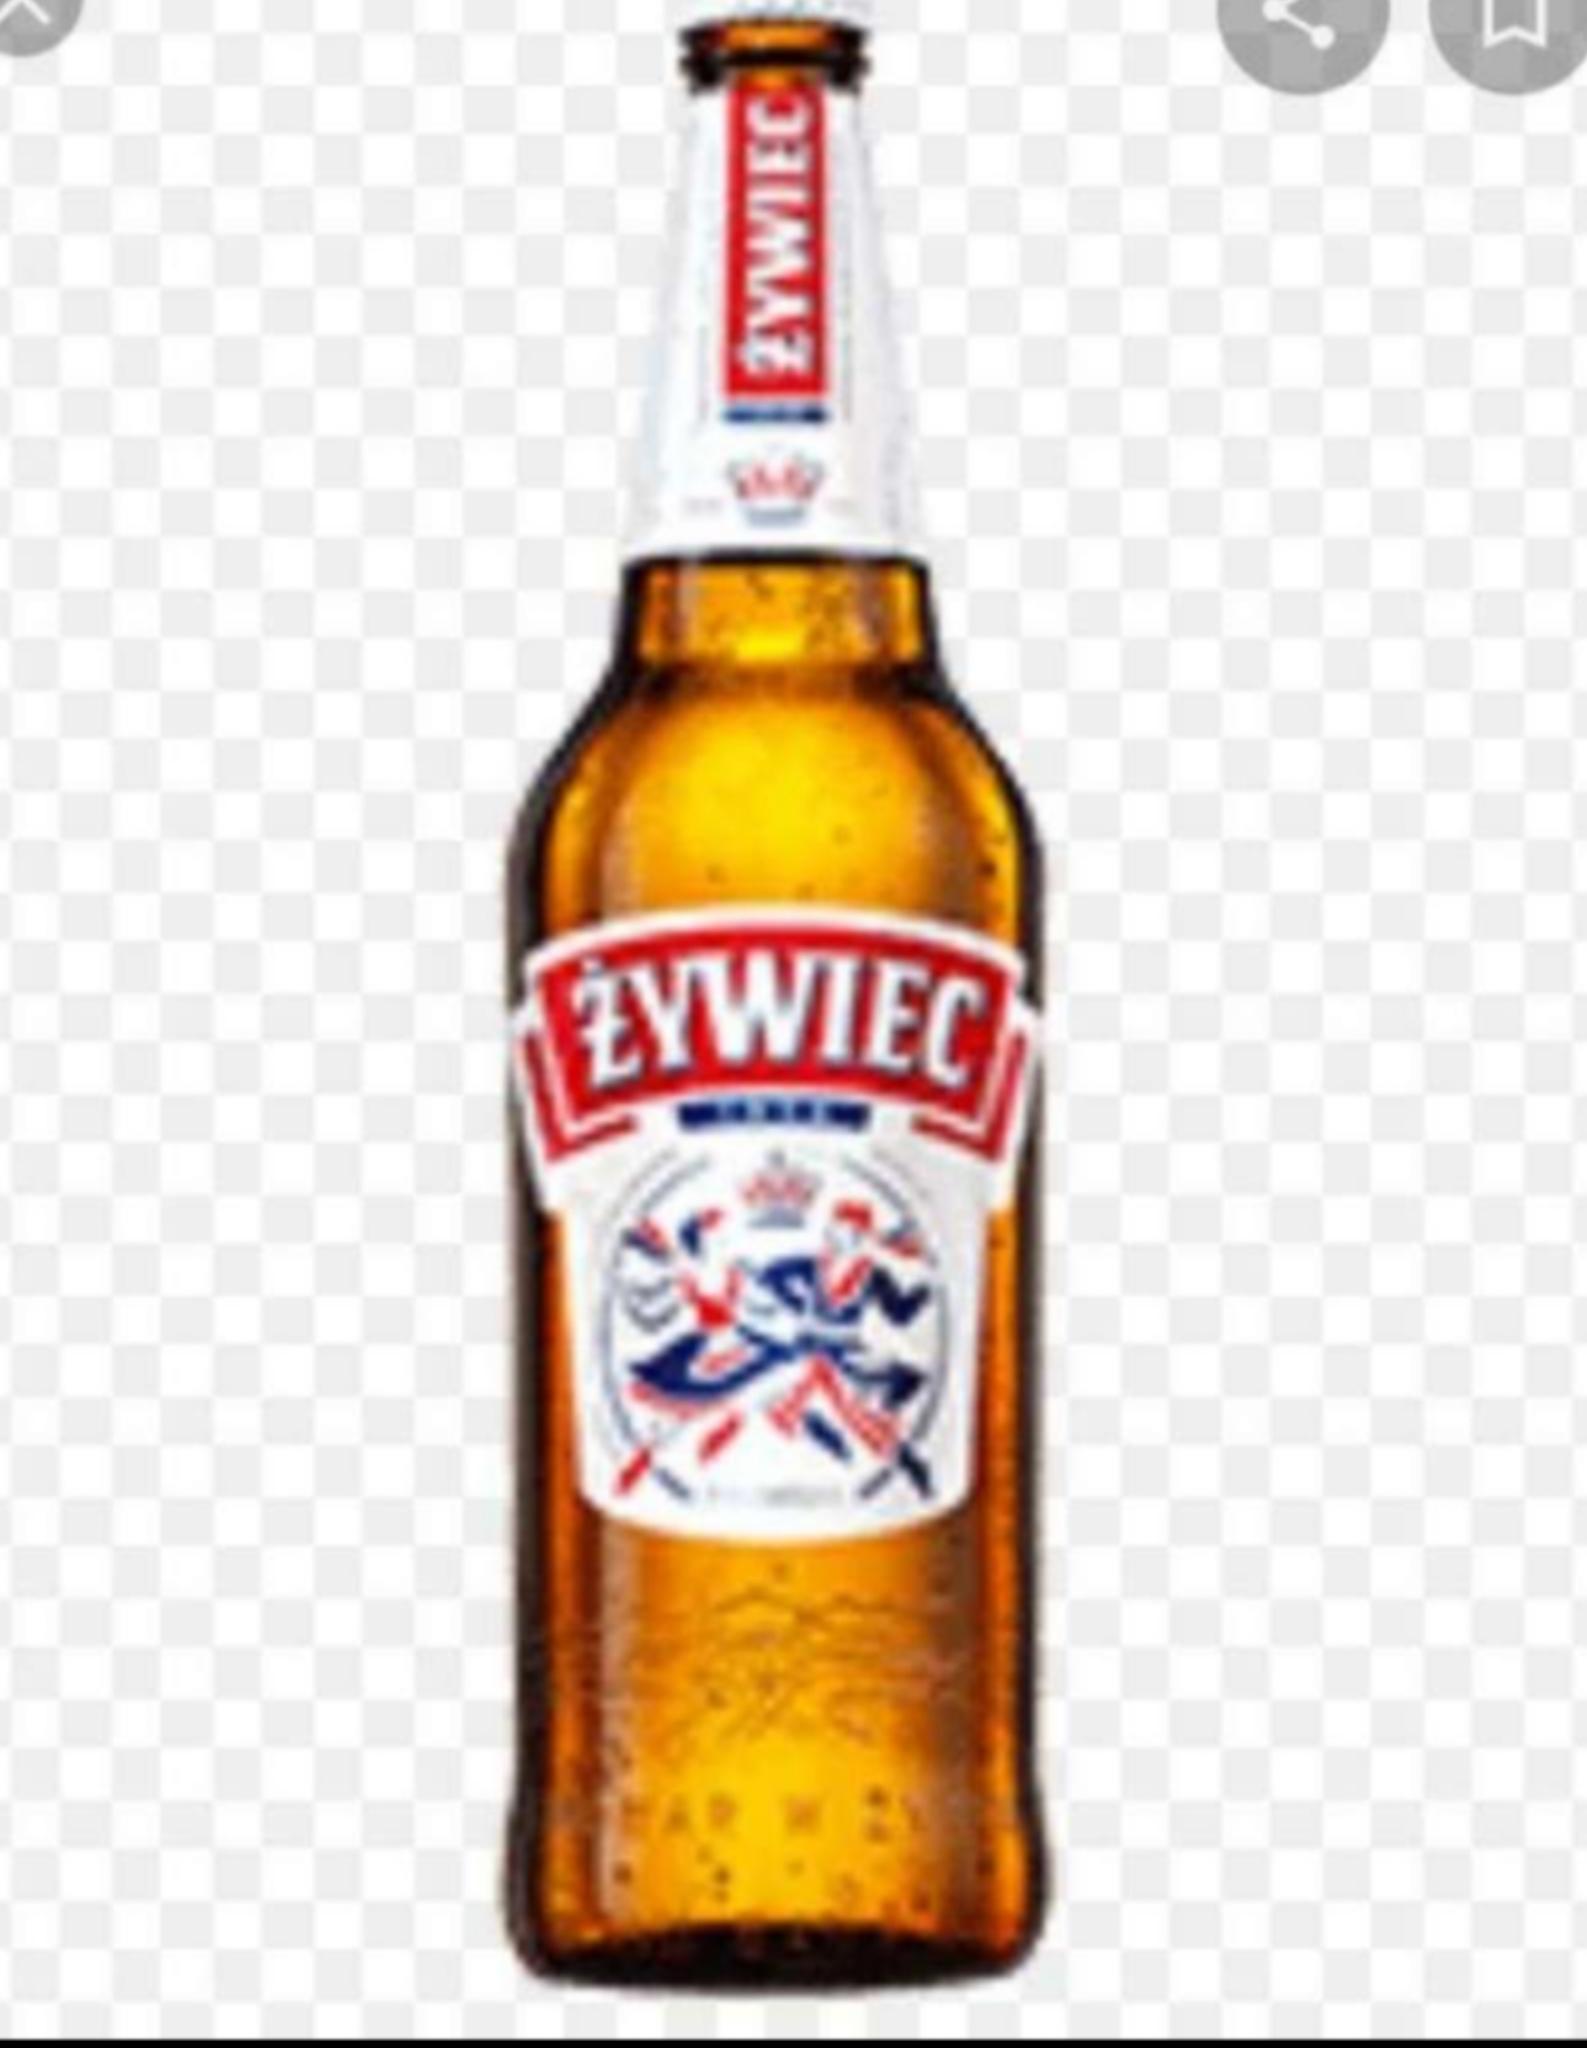 Spar. Piwo Żywiec. 1.99 pln przy zakupie 4